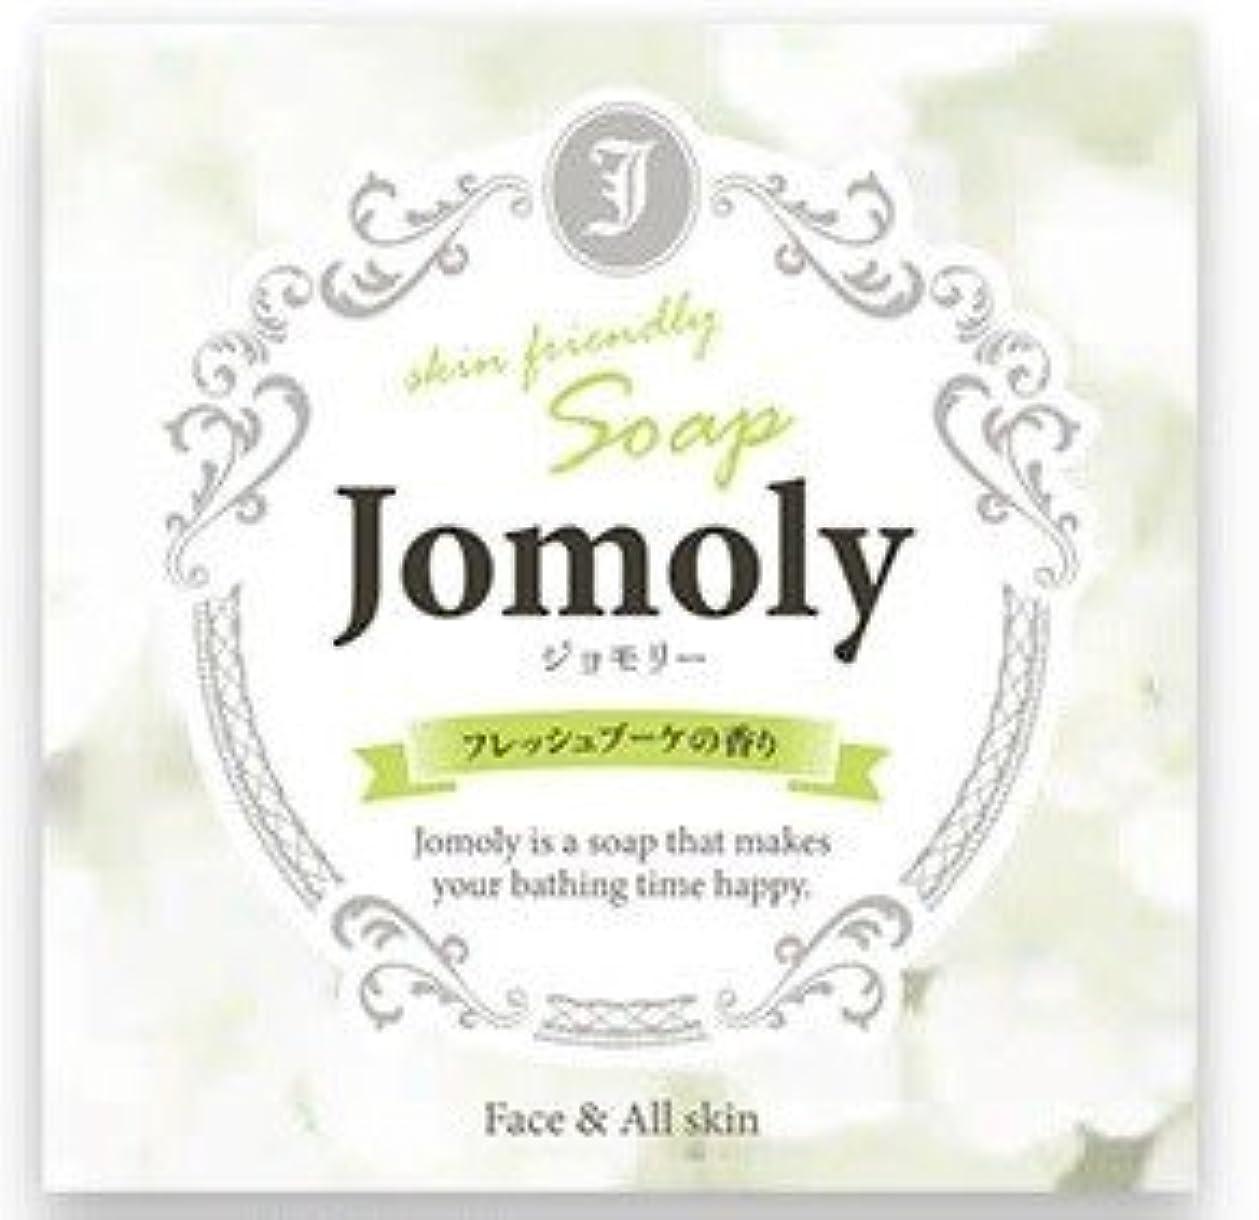 ハードリング配送磁気Jomoly(ジョモリー)80g